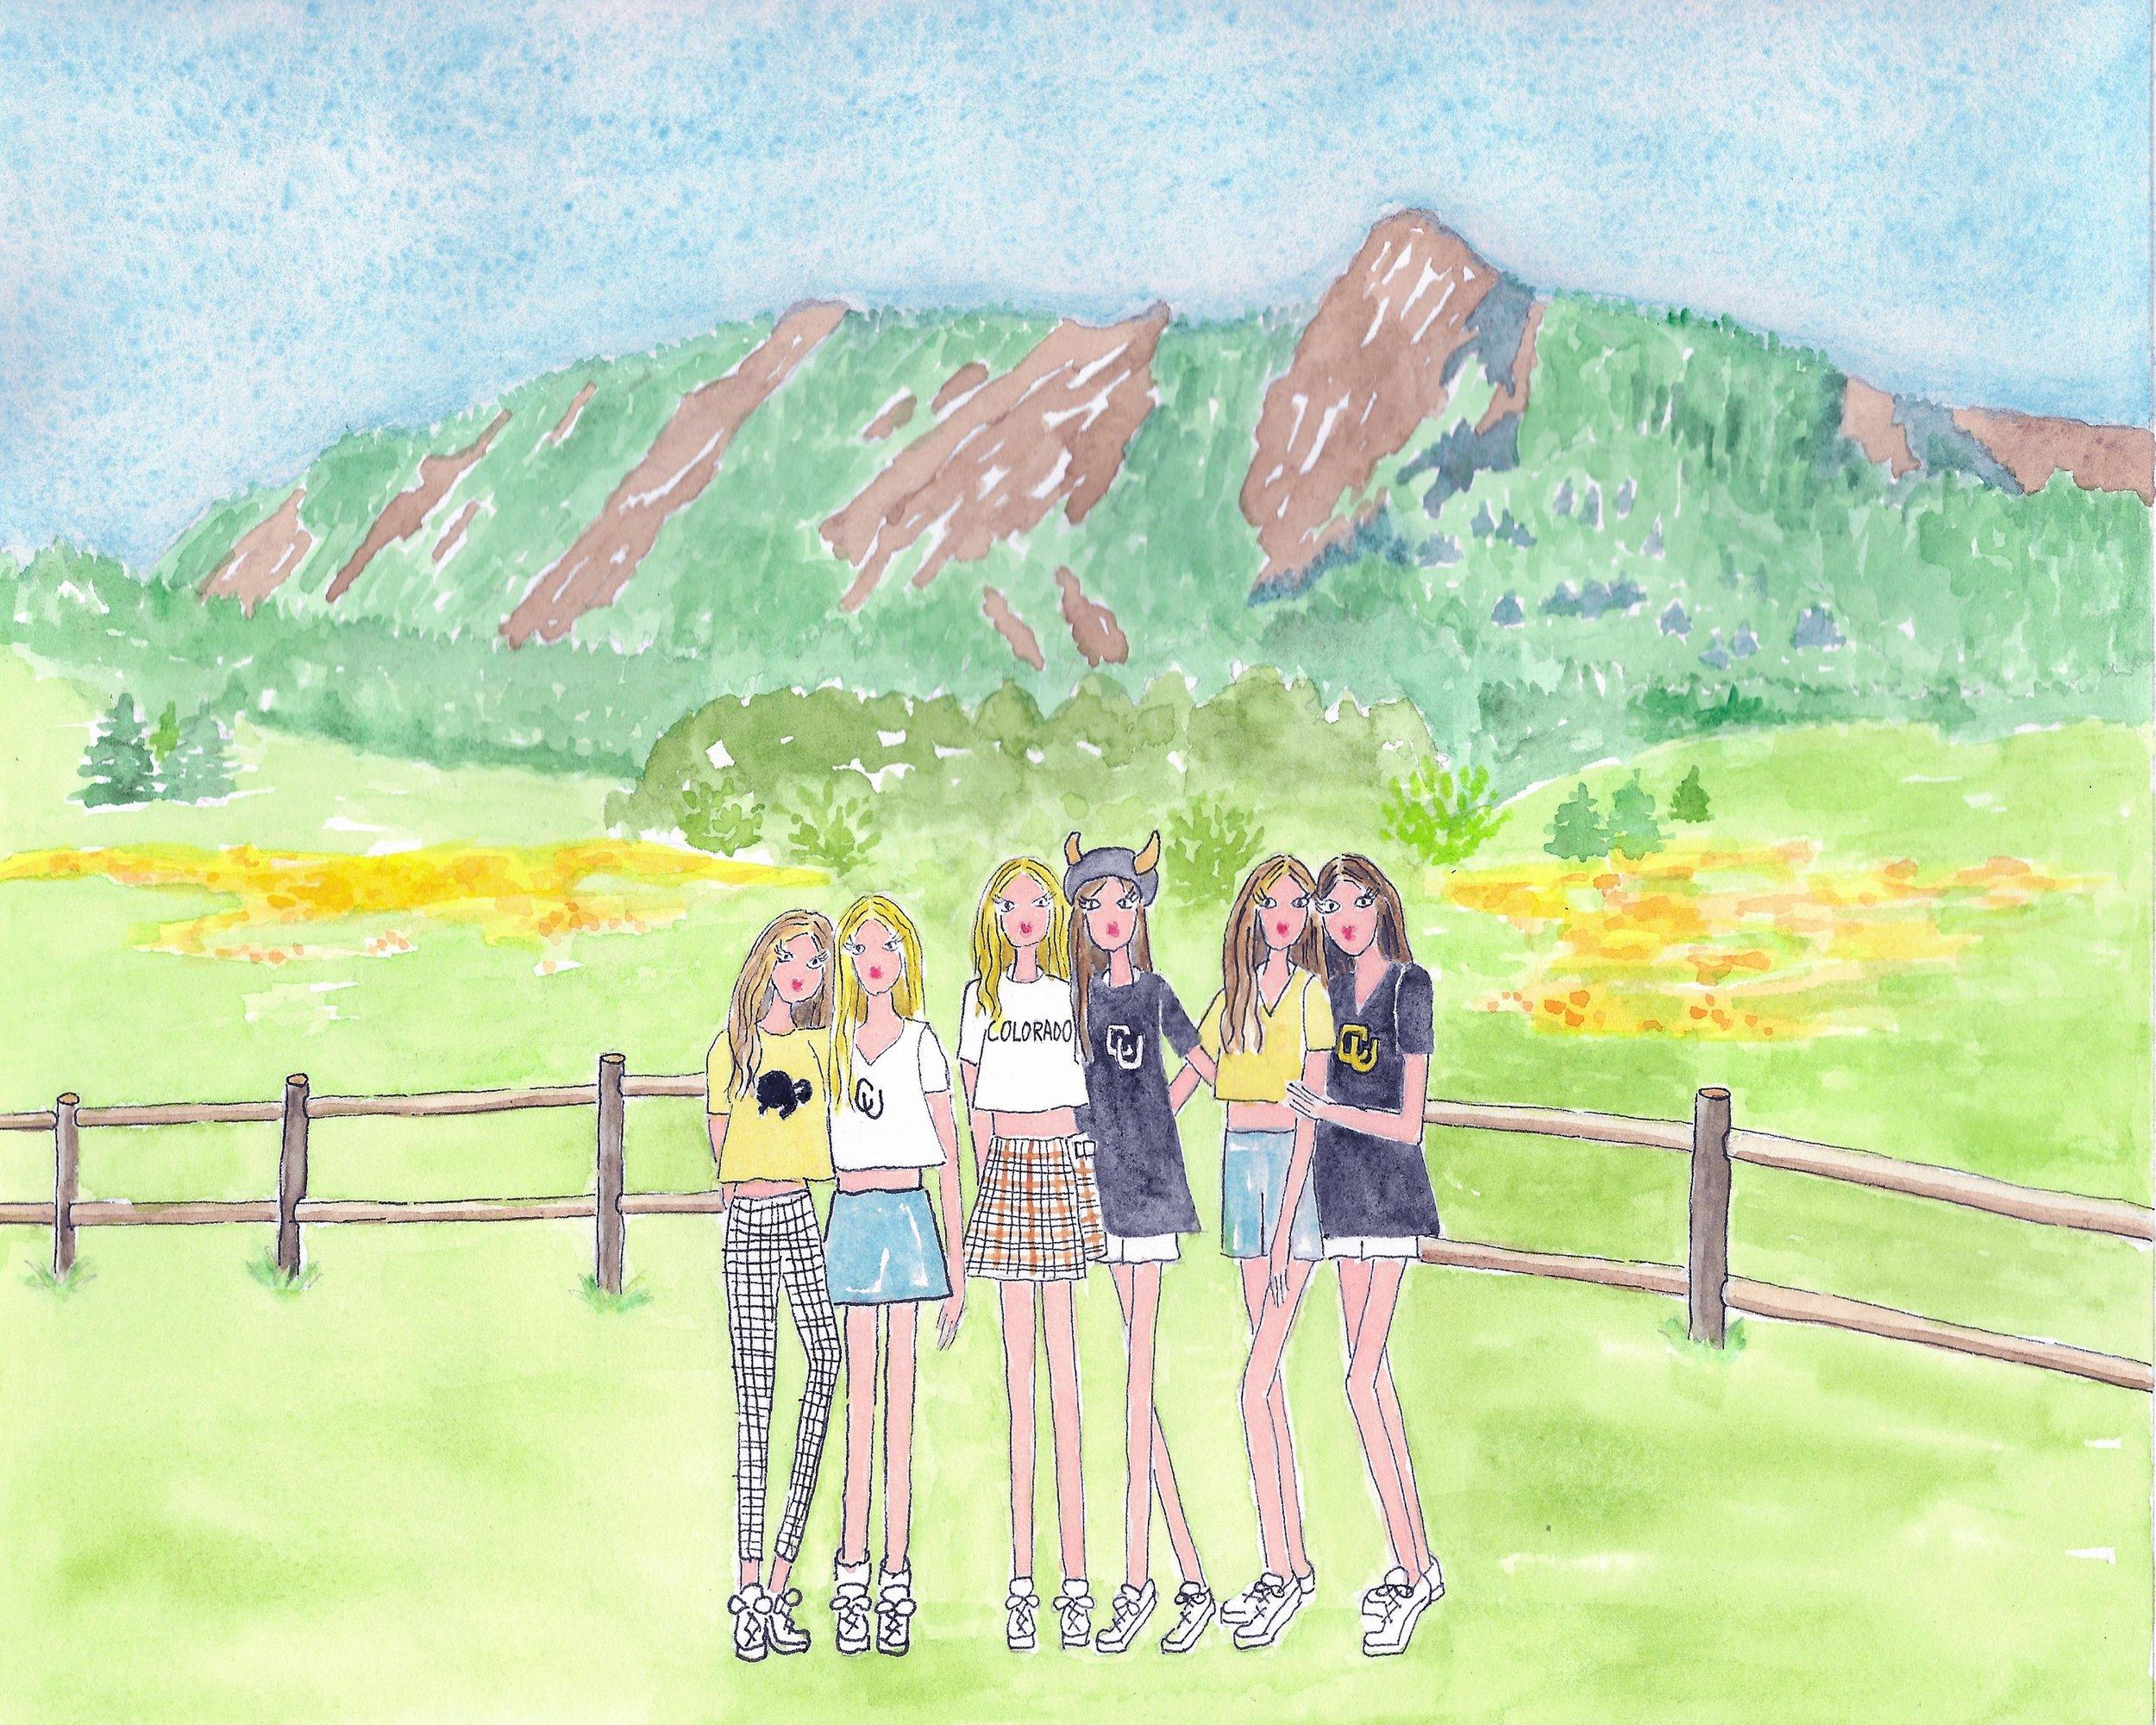 BOULDER GIRLS